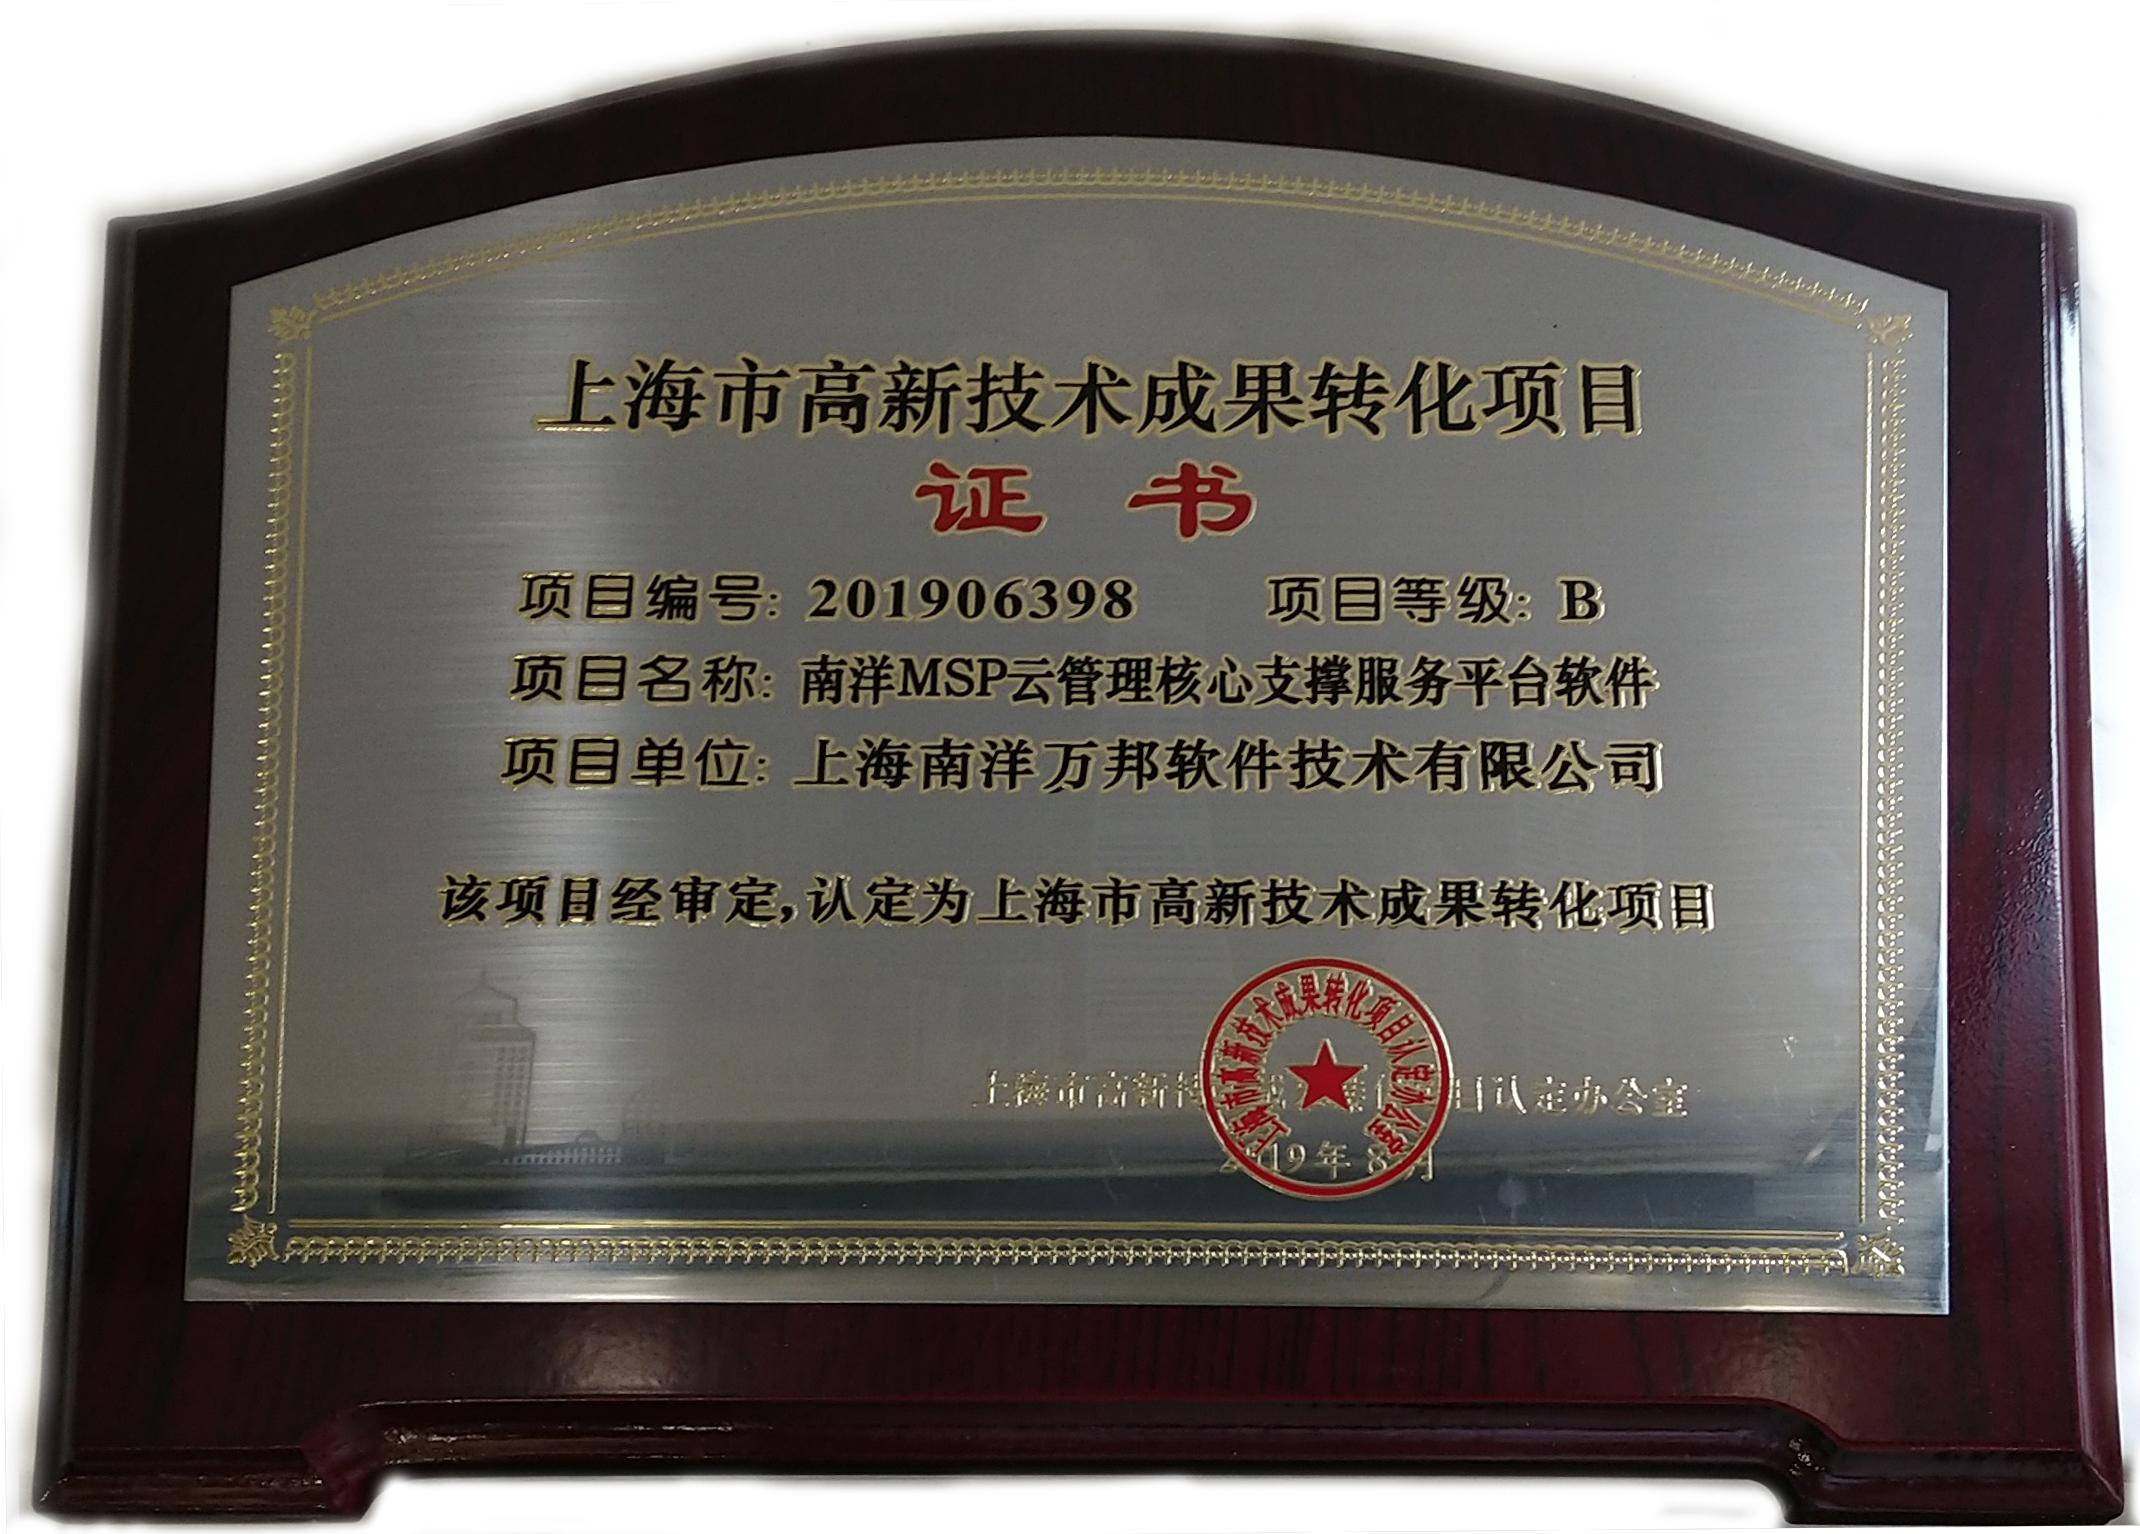 高新技術成果轉化獎牌——南洋MSP云管理核心支撐服務平臺軟件